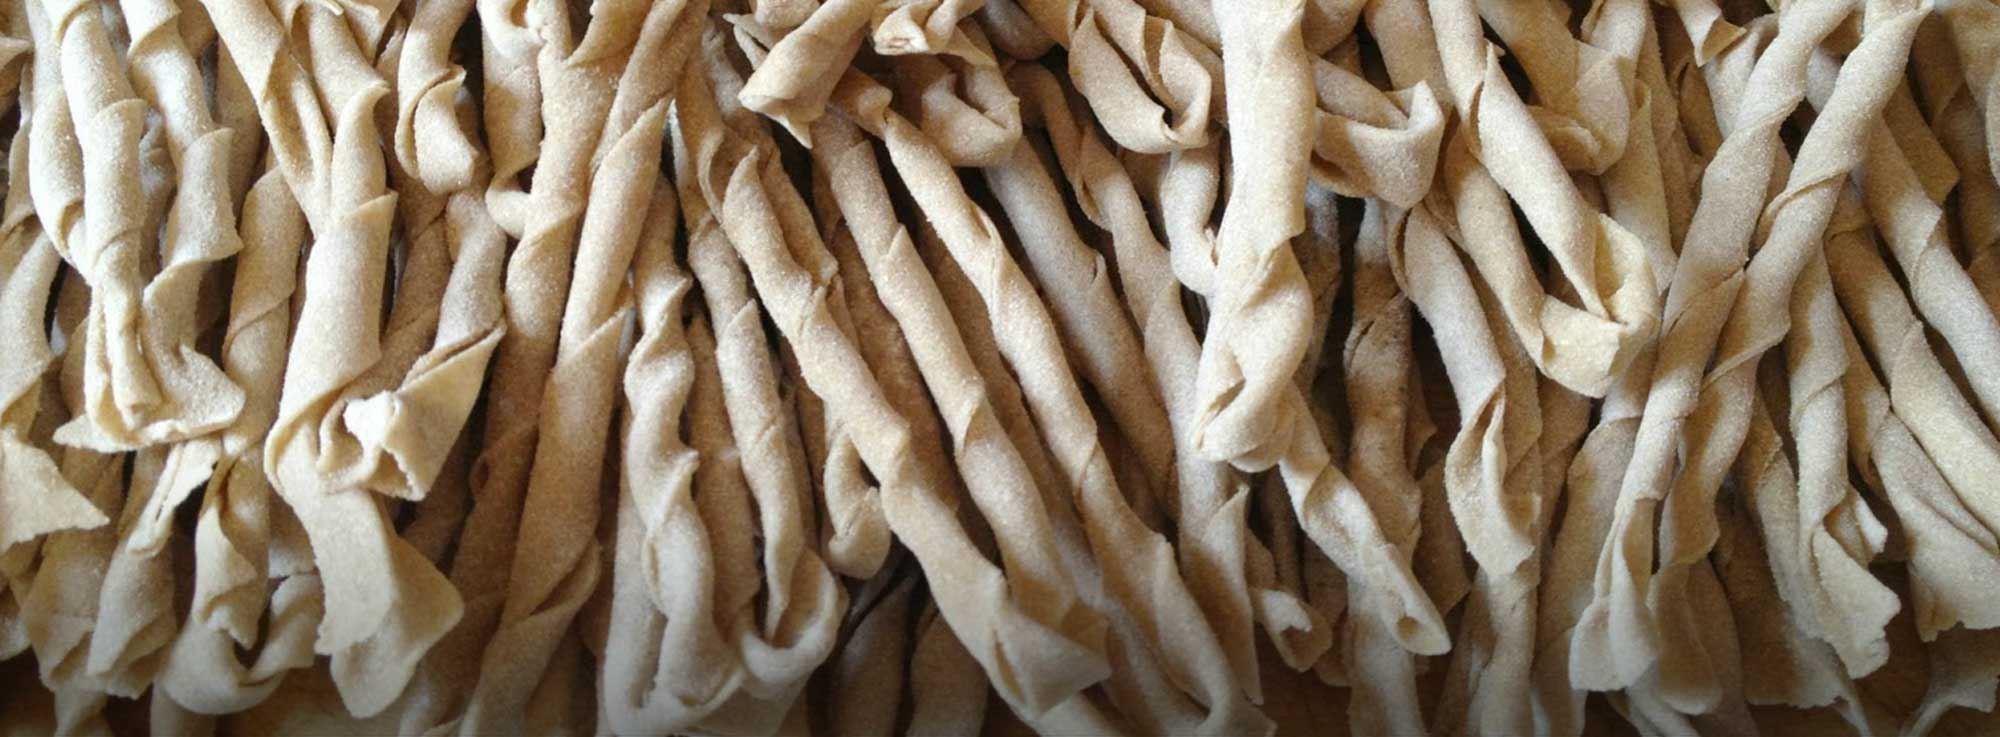 sagne 'ncannulate di grano